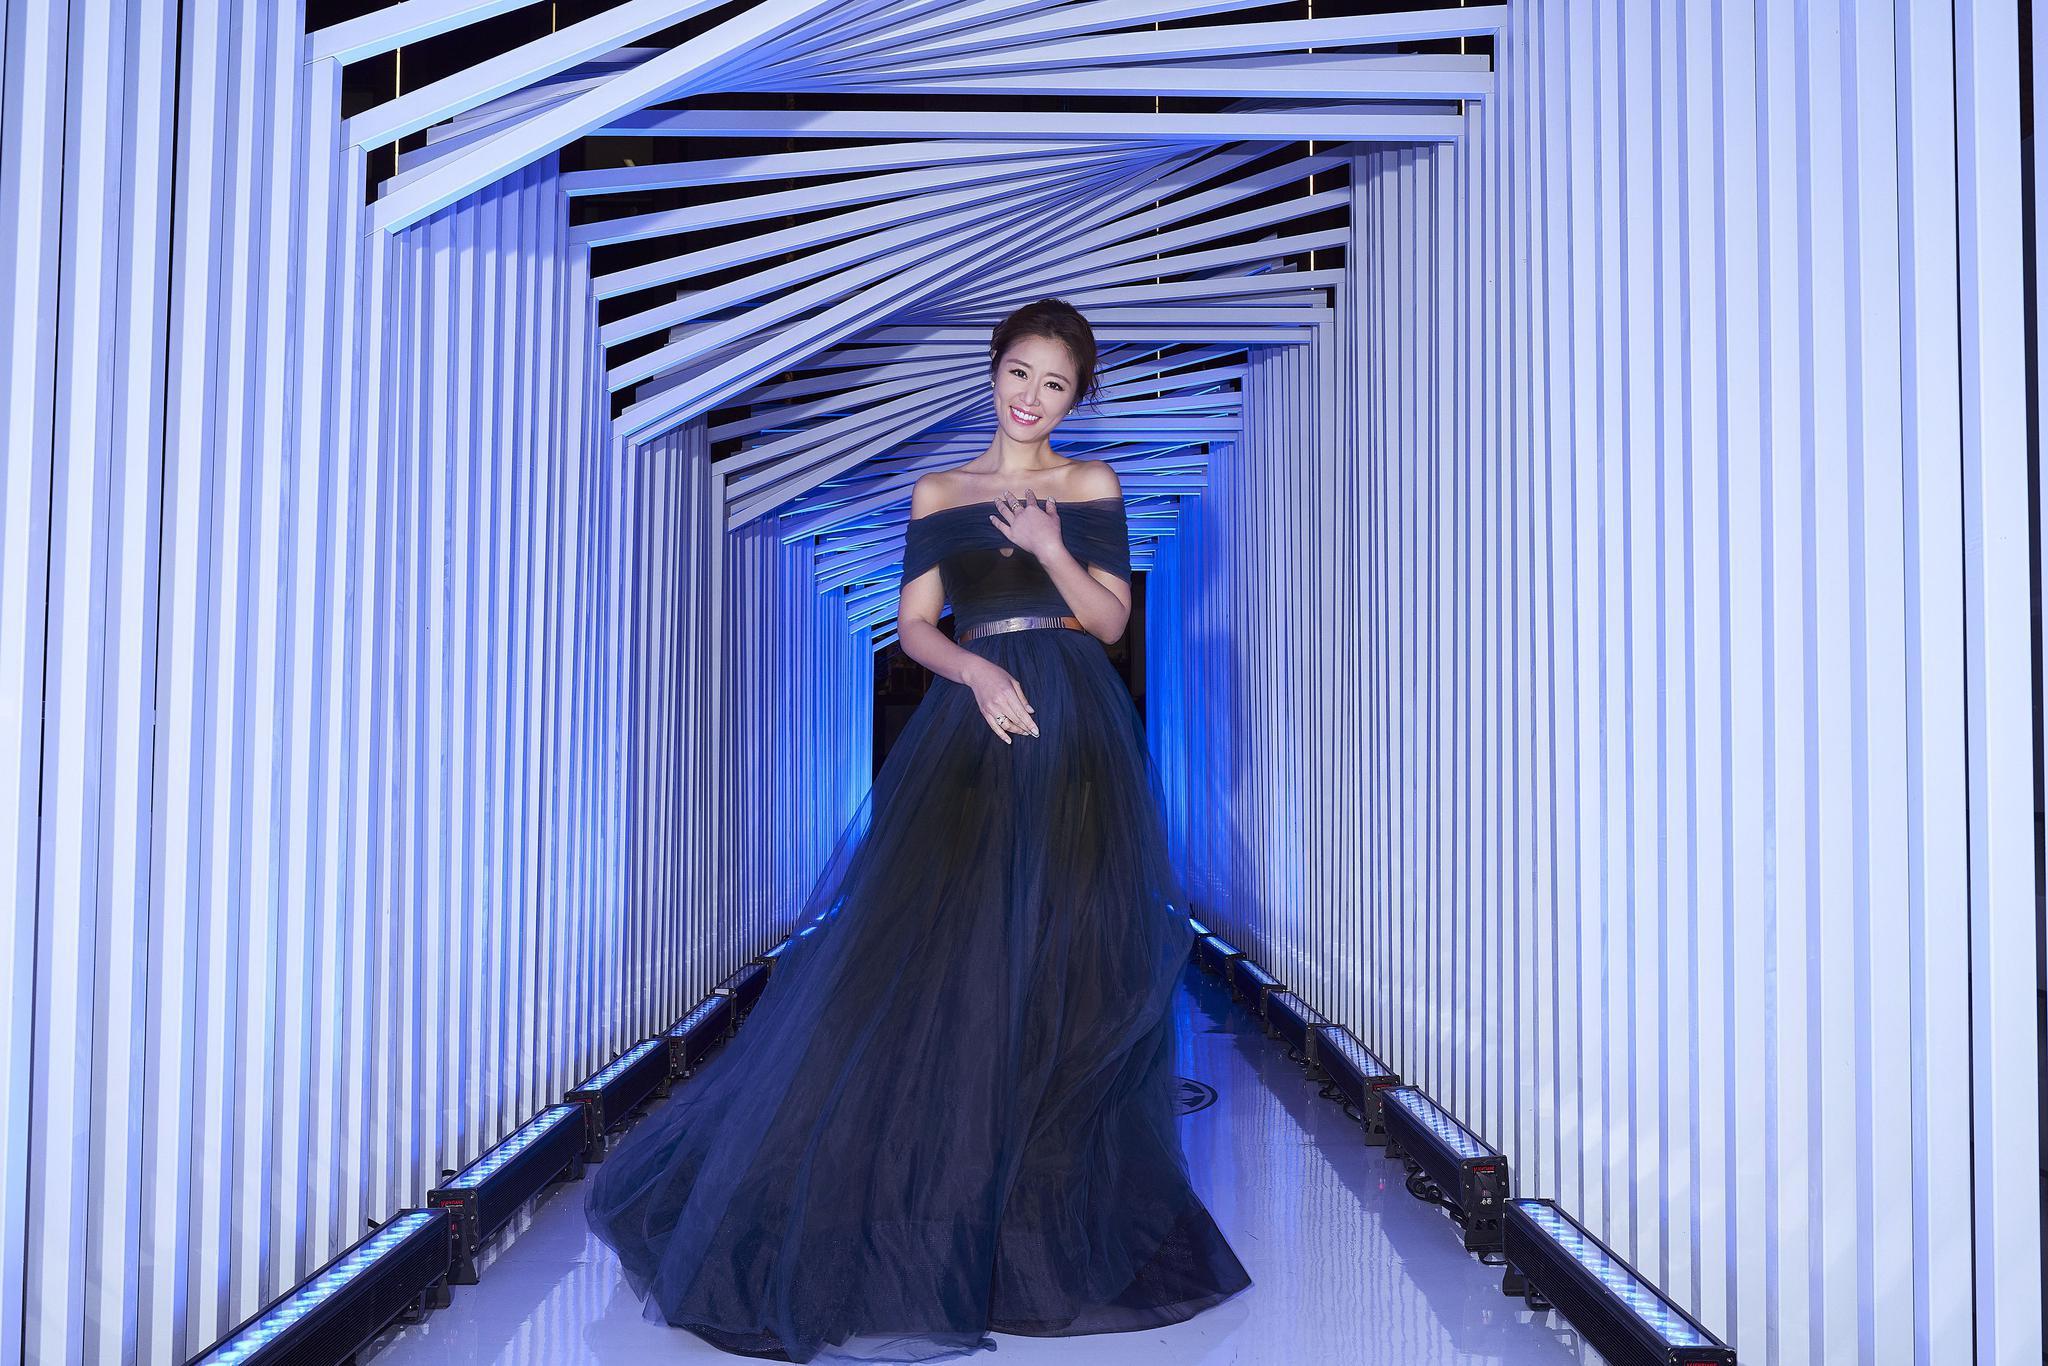 林心如今天现身某品牌秀场看秀,穿搭有惊喜,蓝色透视纱裙